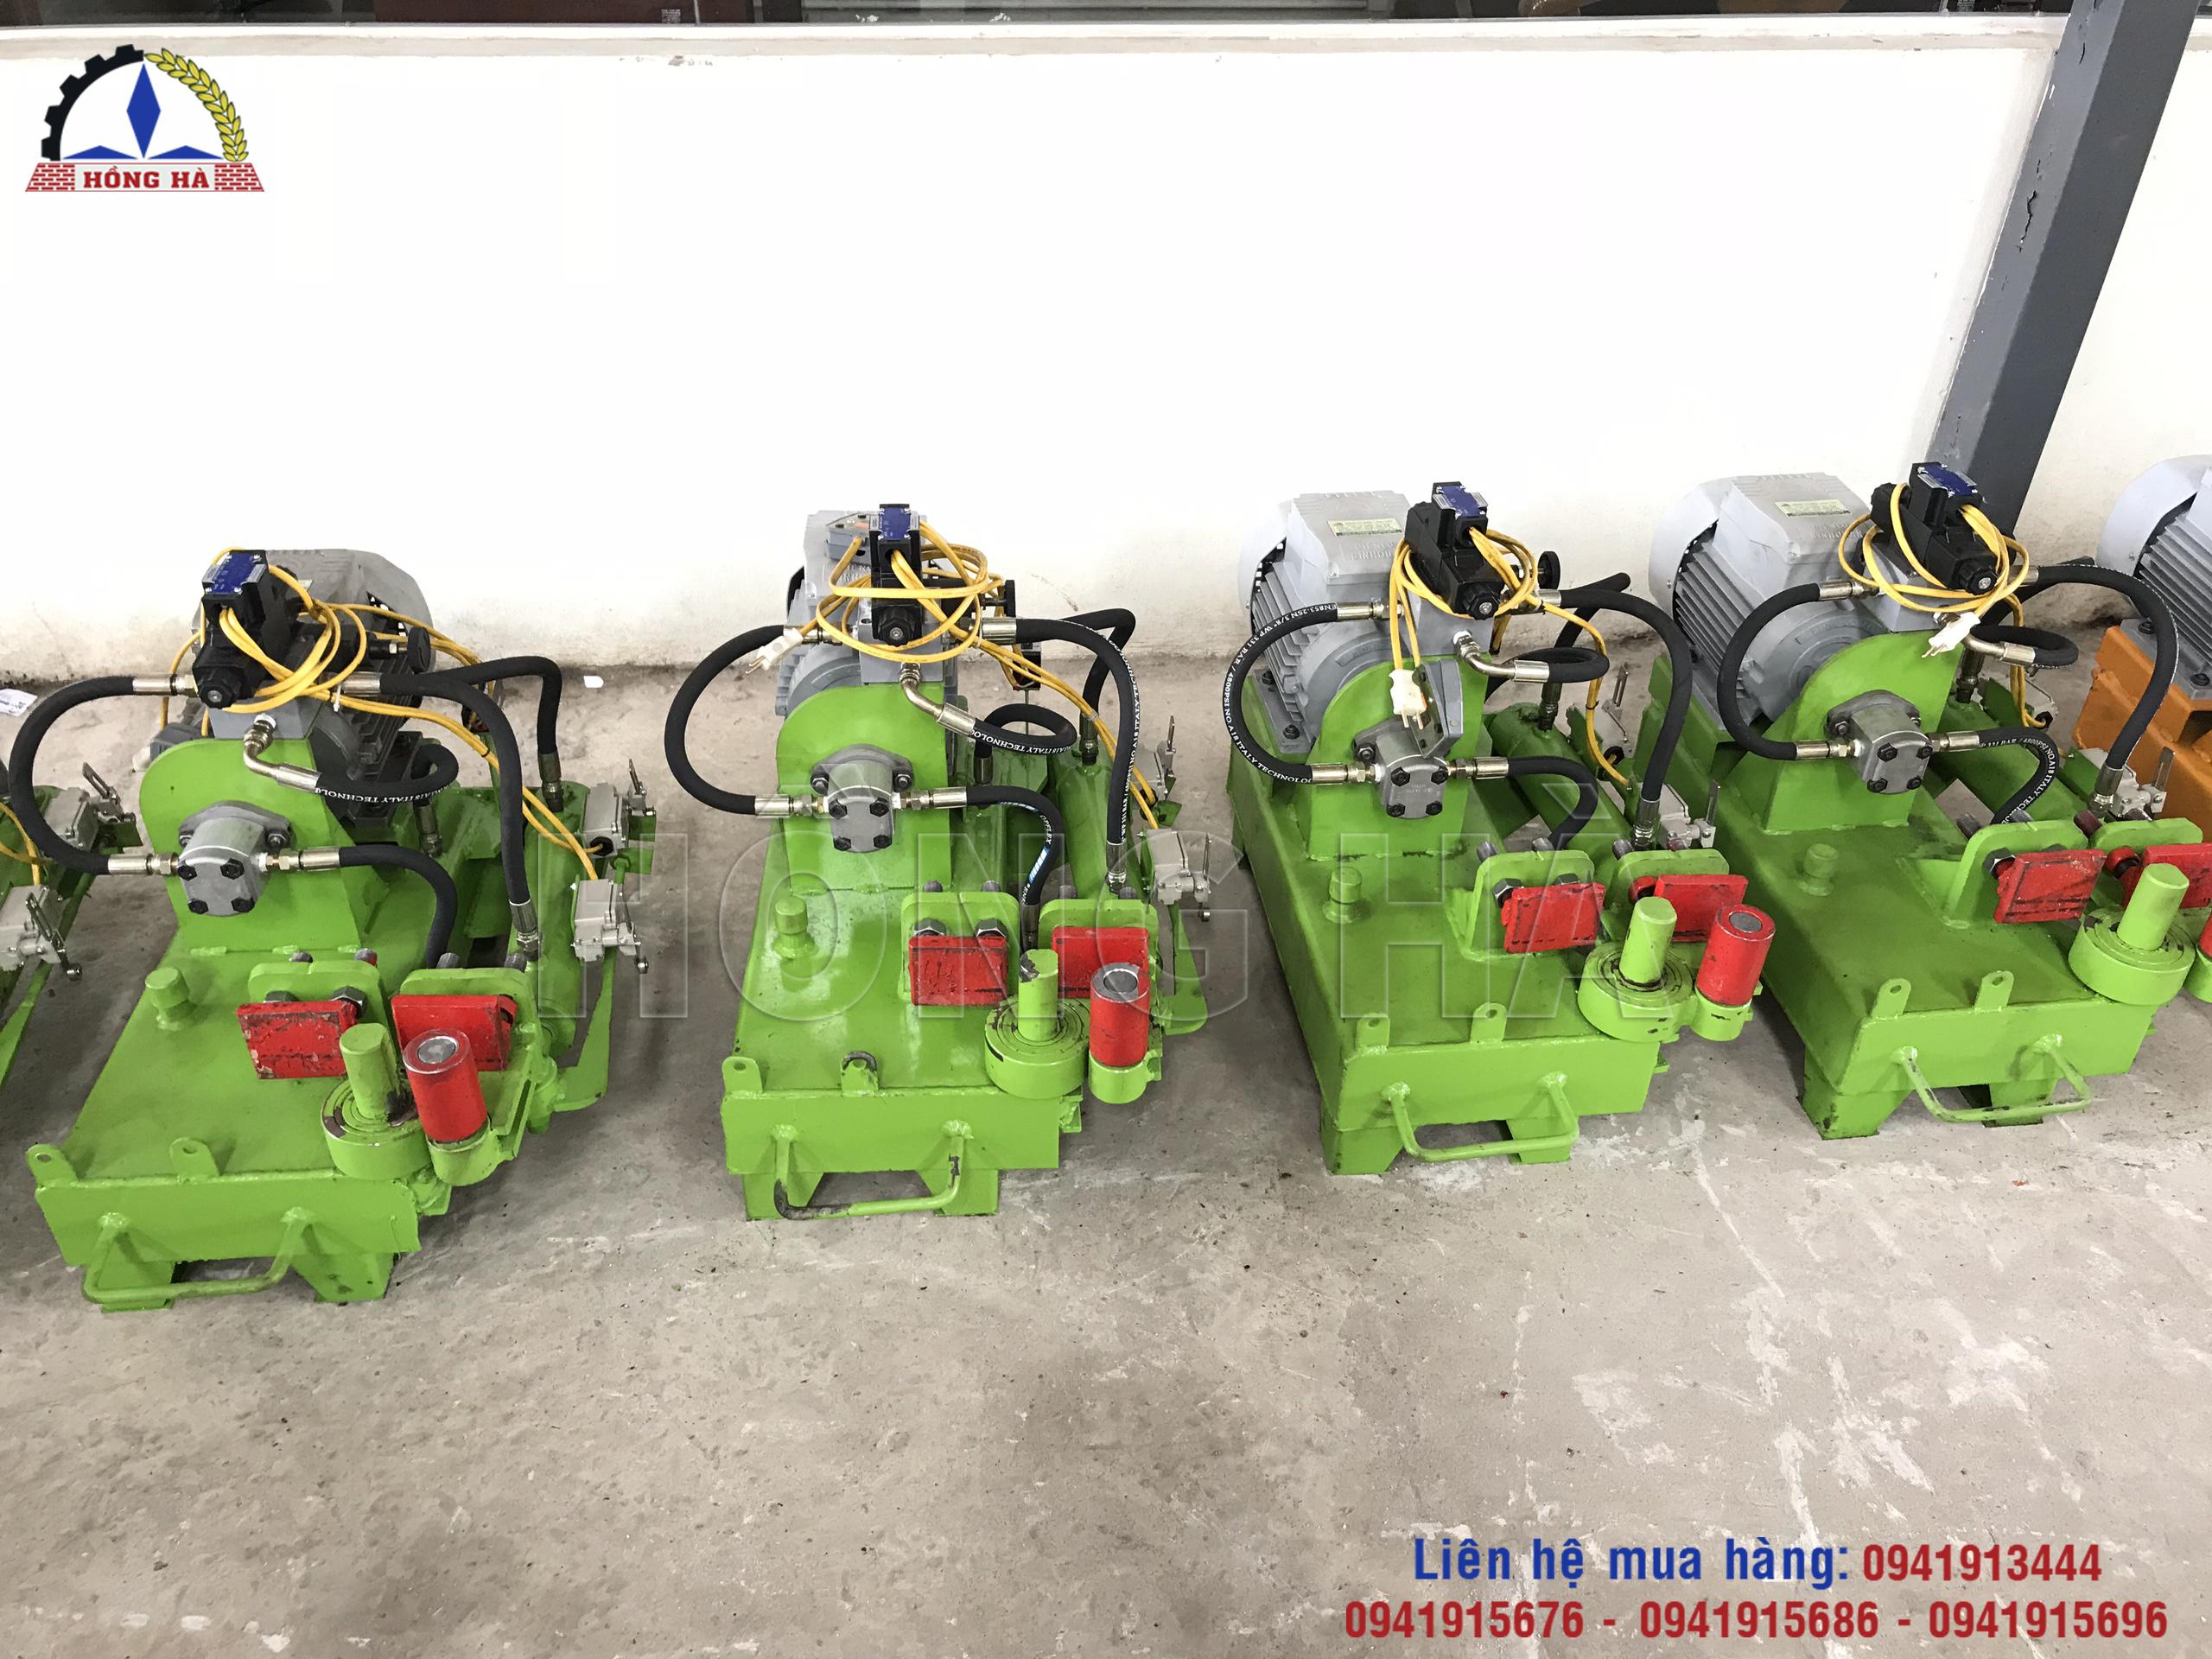 4 Máy bẻ mỏ sắt cây thủy lực và những ứng dụng trong xây dựng